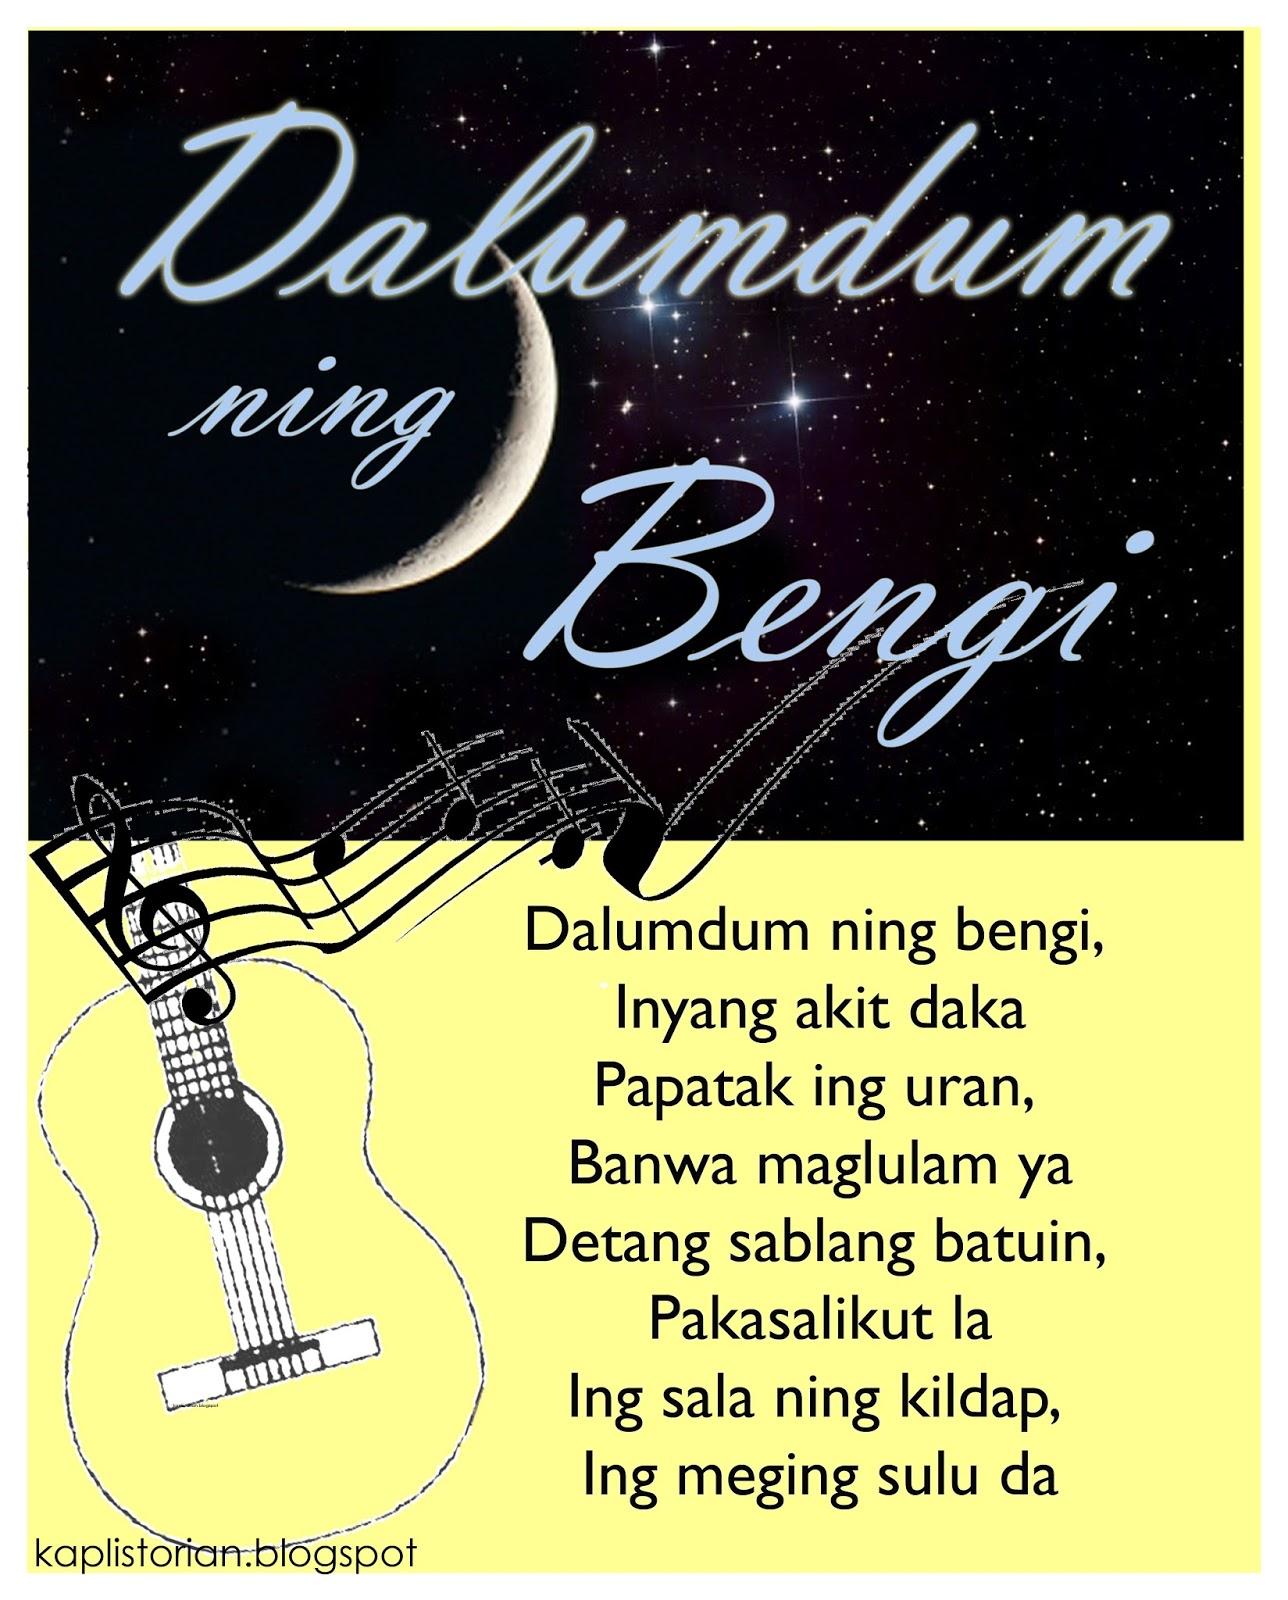 example of harana songs with lyrics